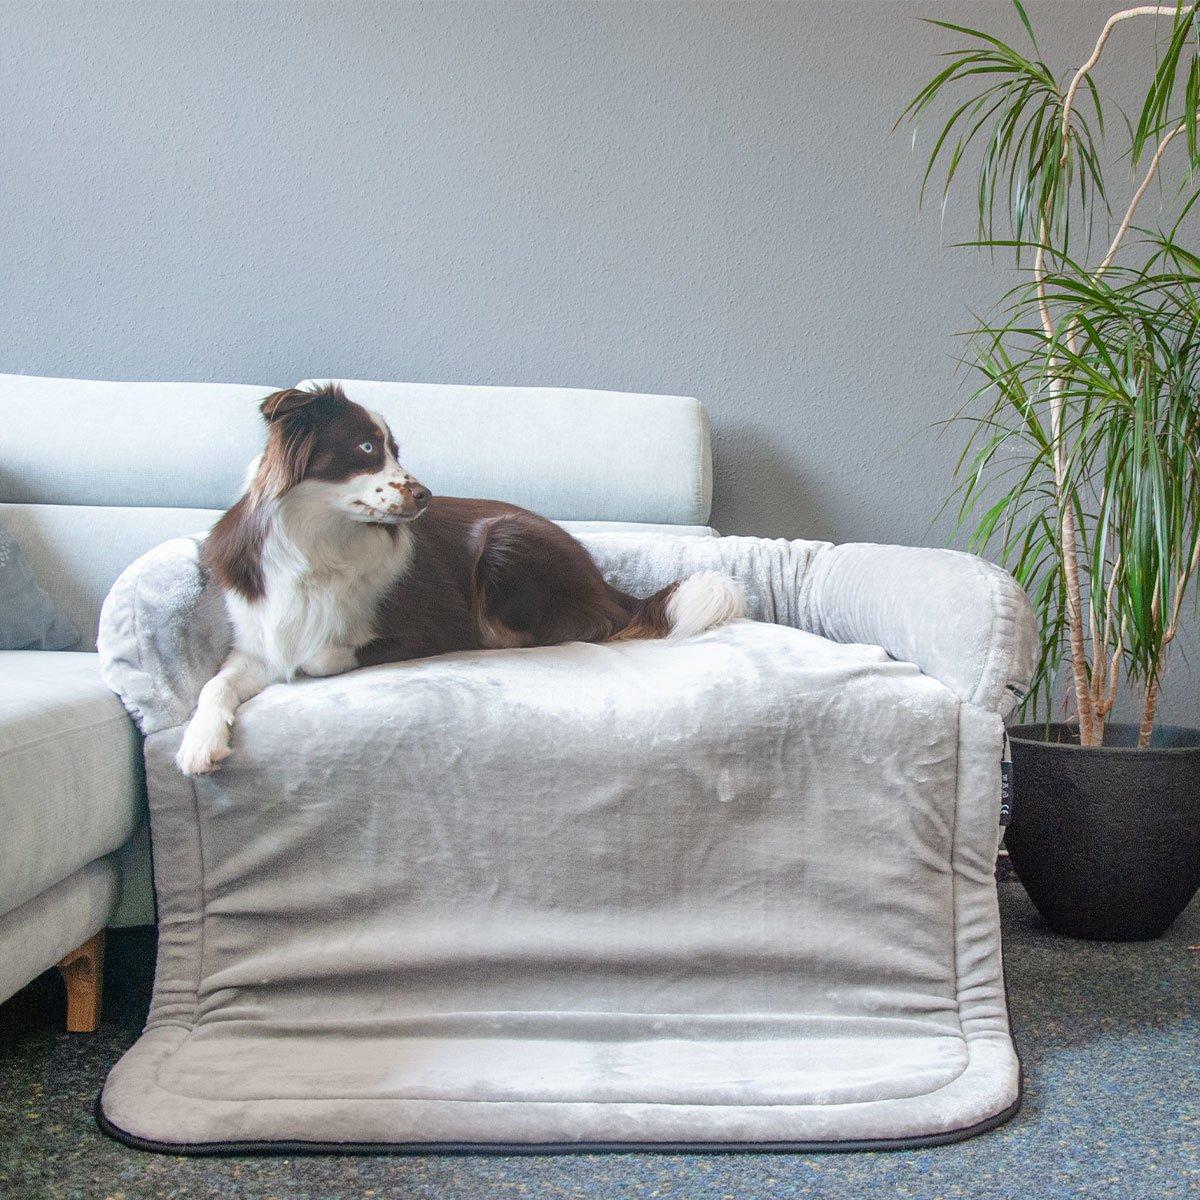 wauweich Sofadecke für Hunde aus Plüsch, Bild 2